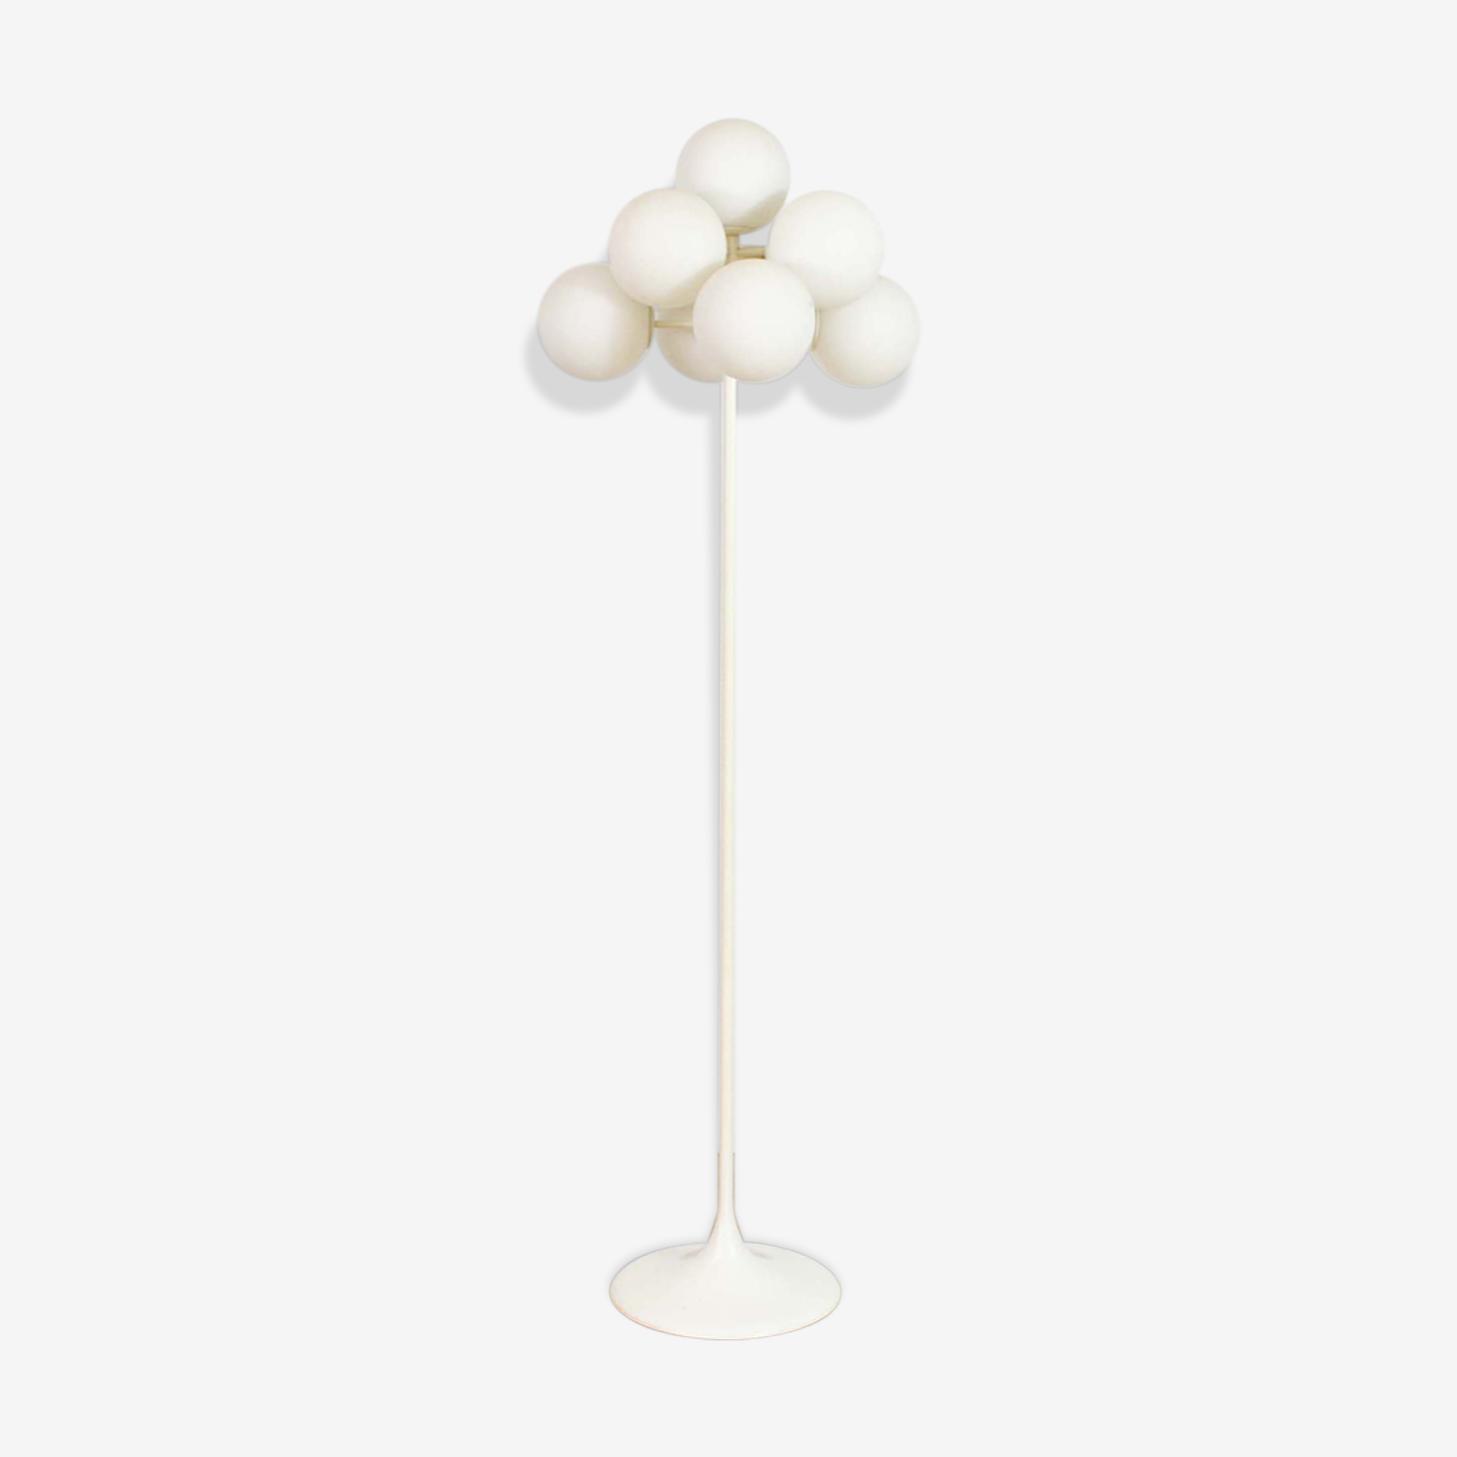 Floor lamp Temde lights by Max Bill